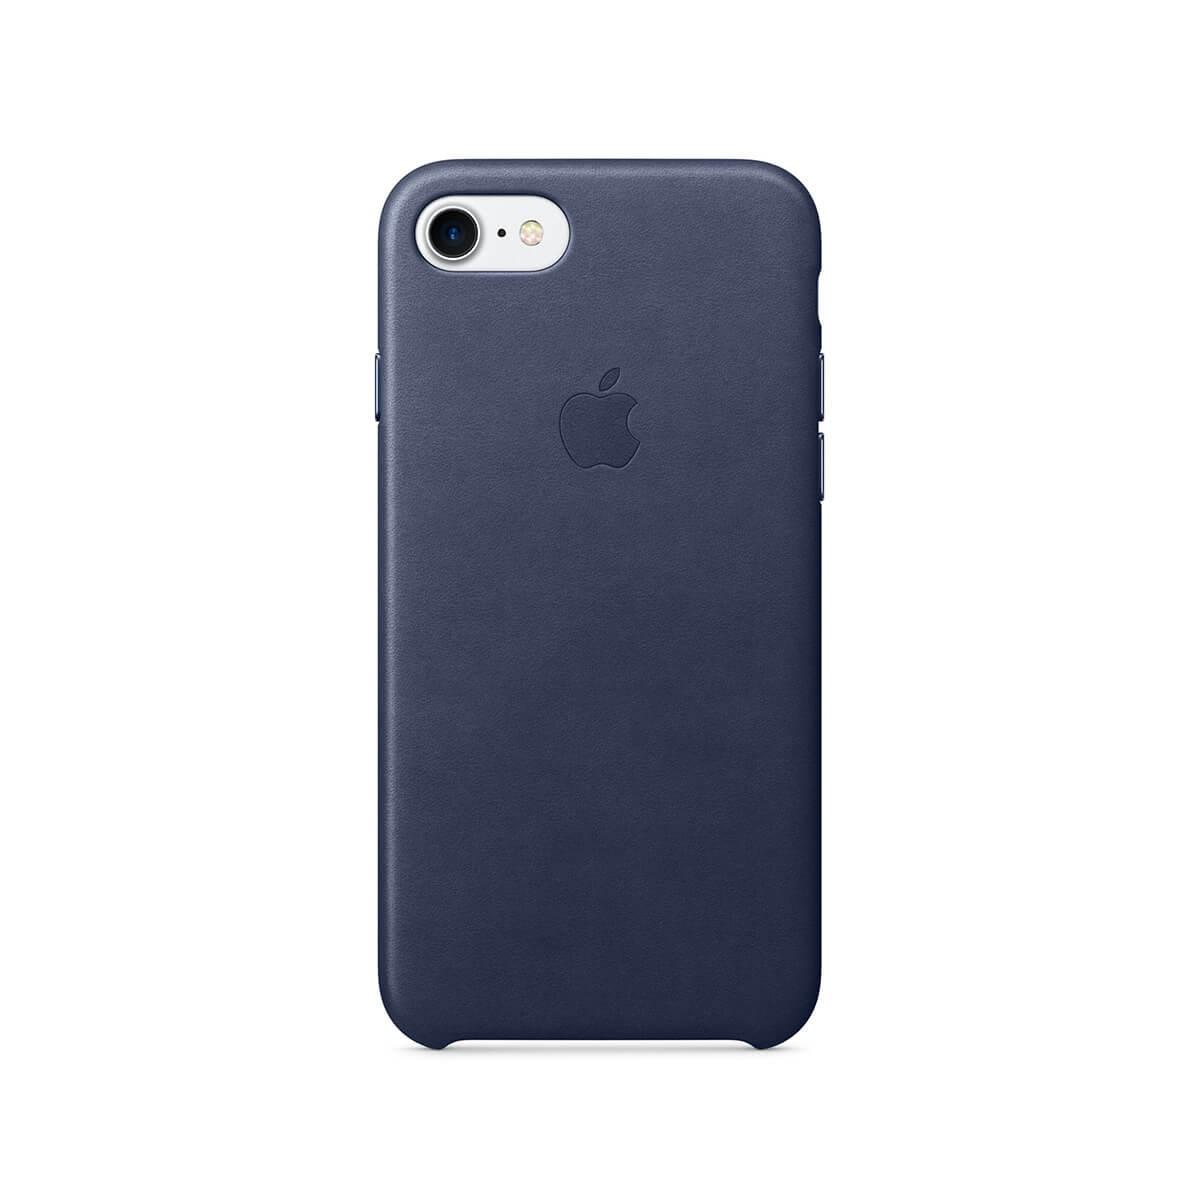 Apple kožený kryt na iPhone 7 – půlnočně modrý mmy32zm/a